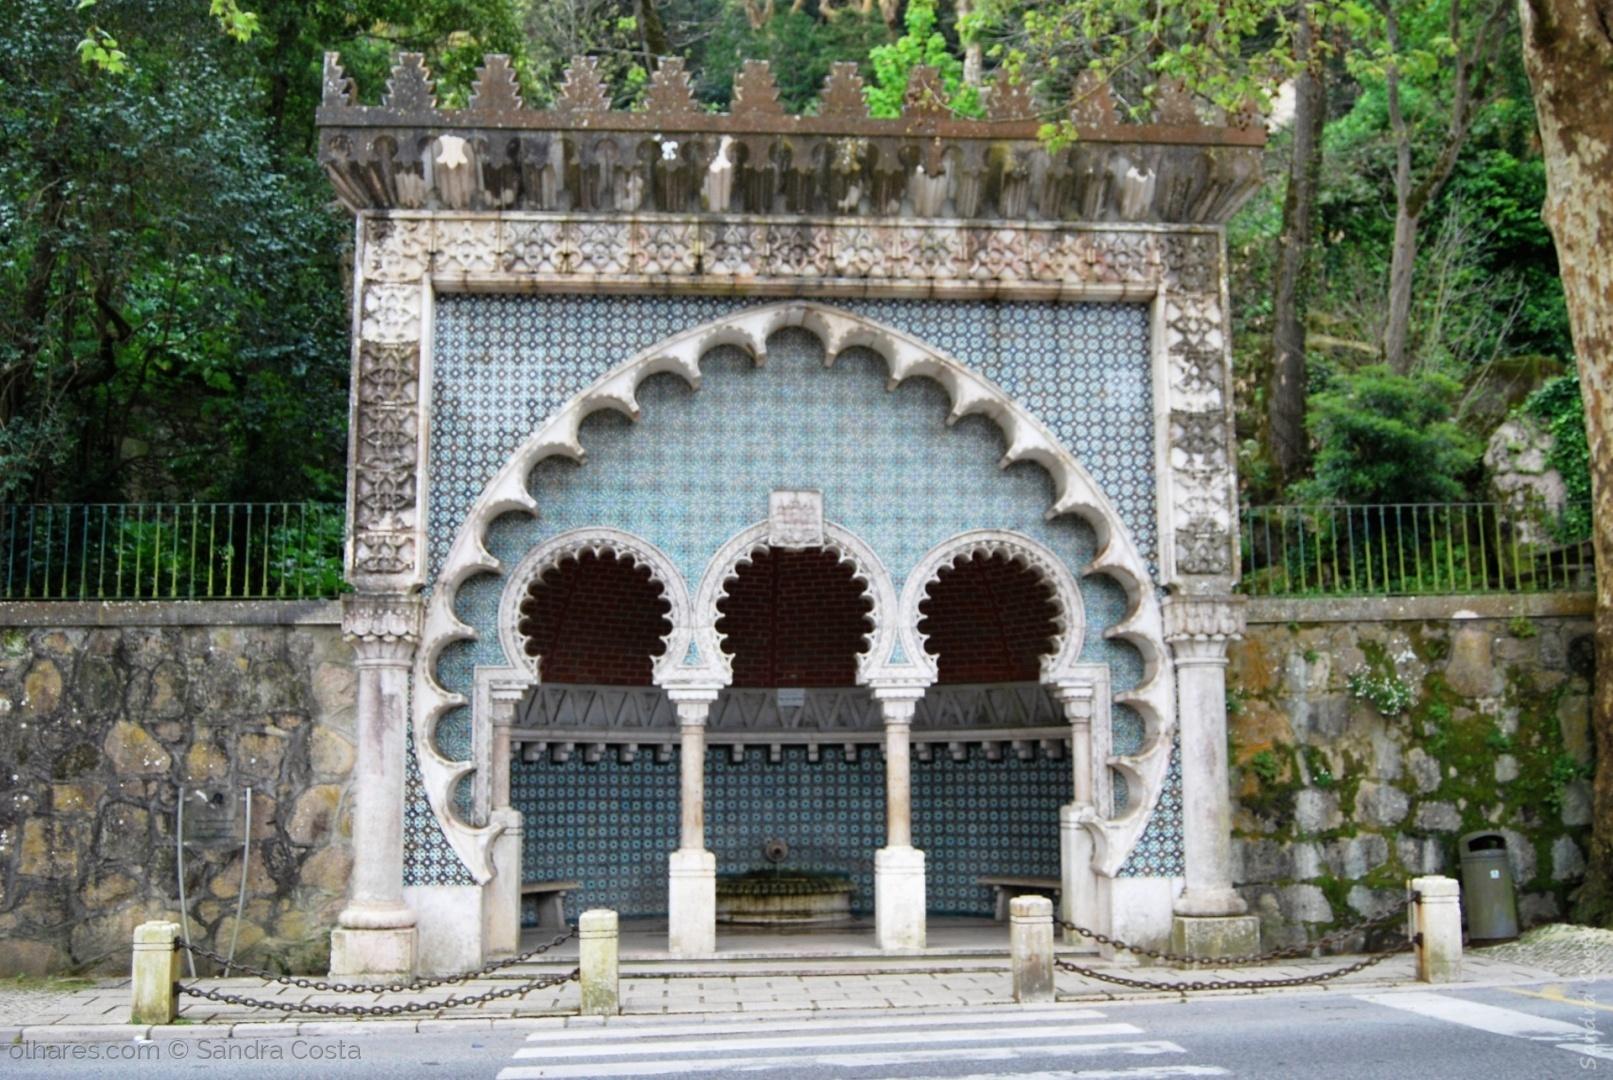 História/Bom dia... Fonte Mourisca (Sintra )